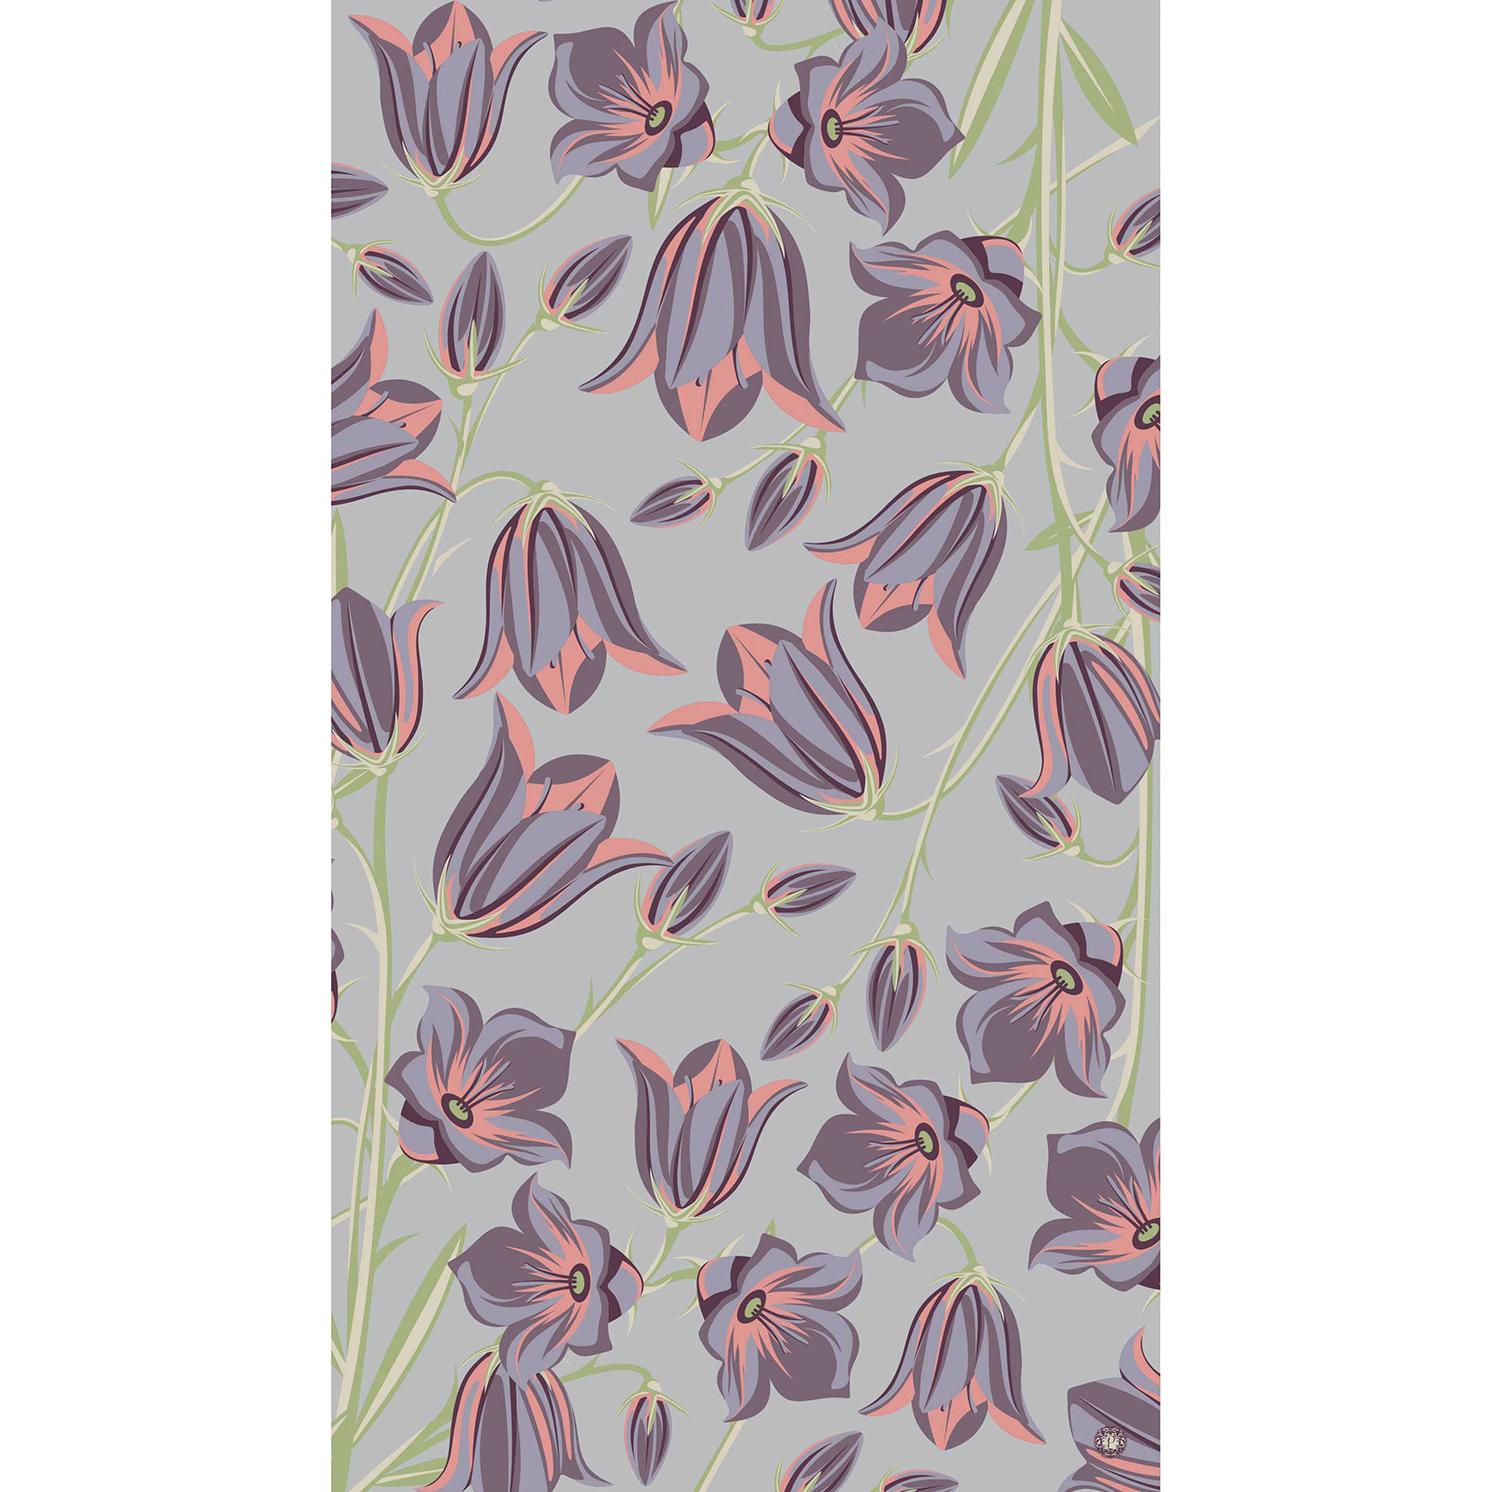 Powder – Lilac Bluebell Print Scarf with Powder Presentation Gift Bag